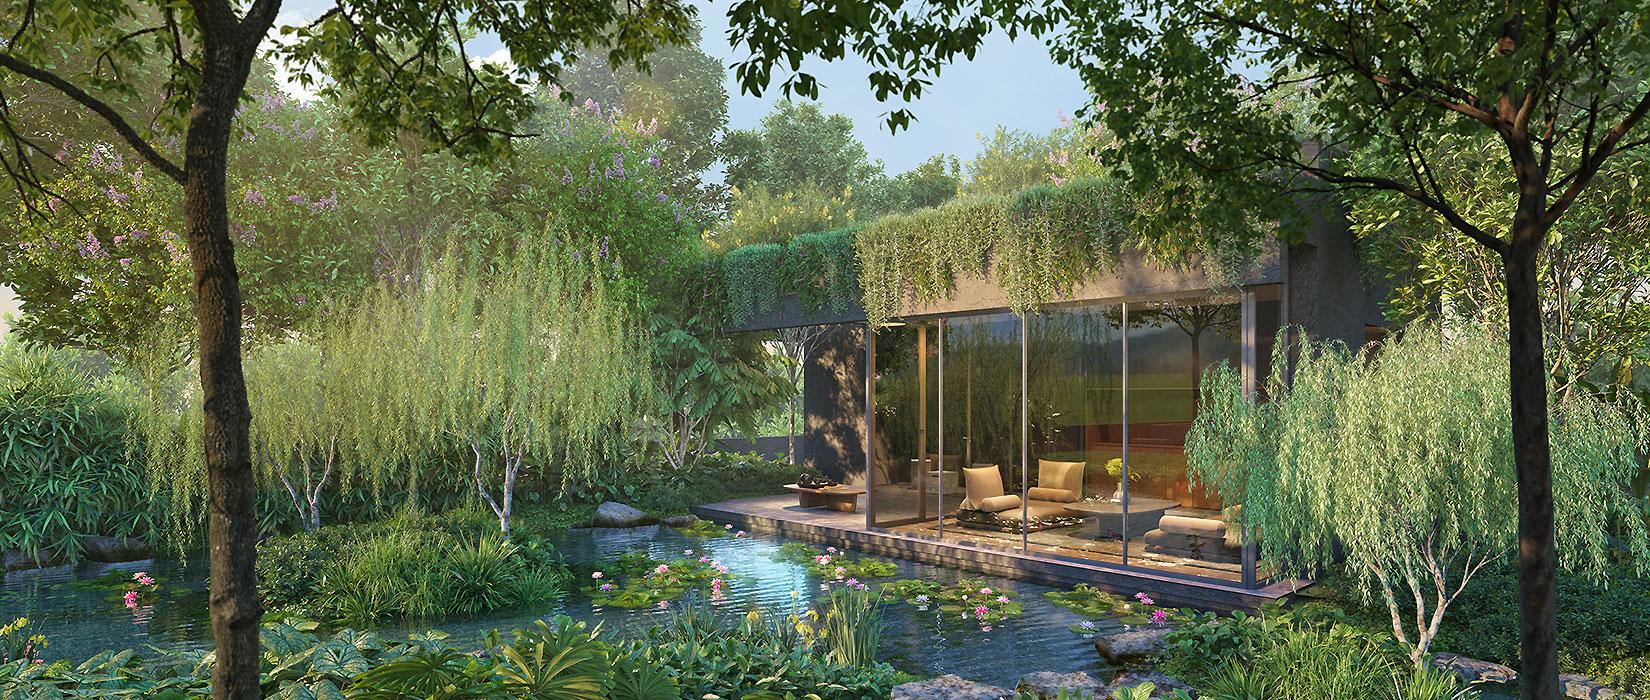 midtown-modern-lily-pond-singapore